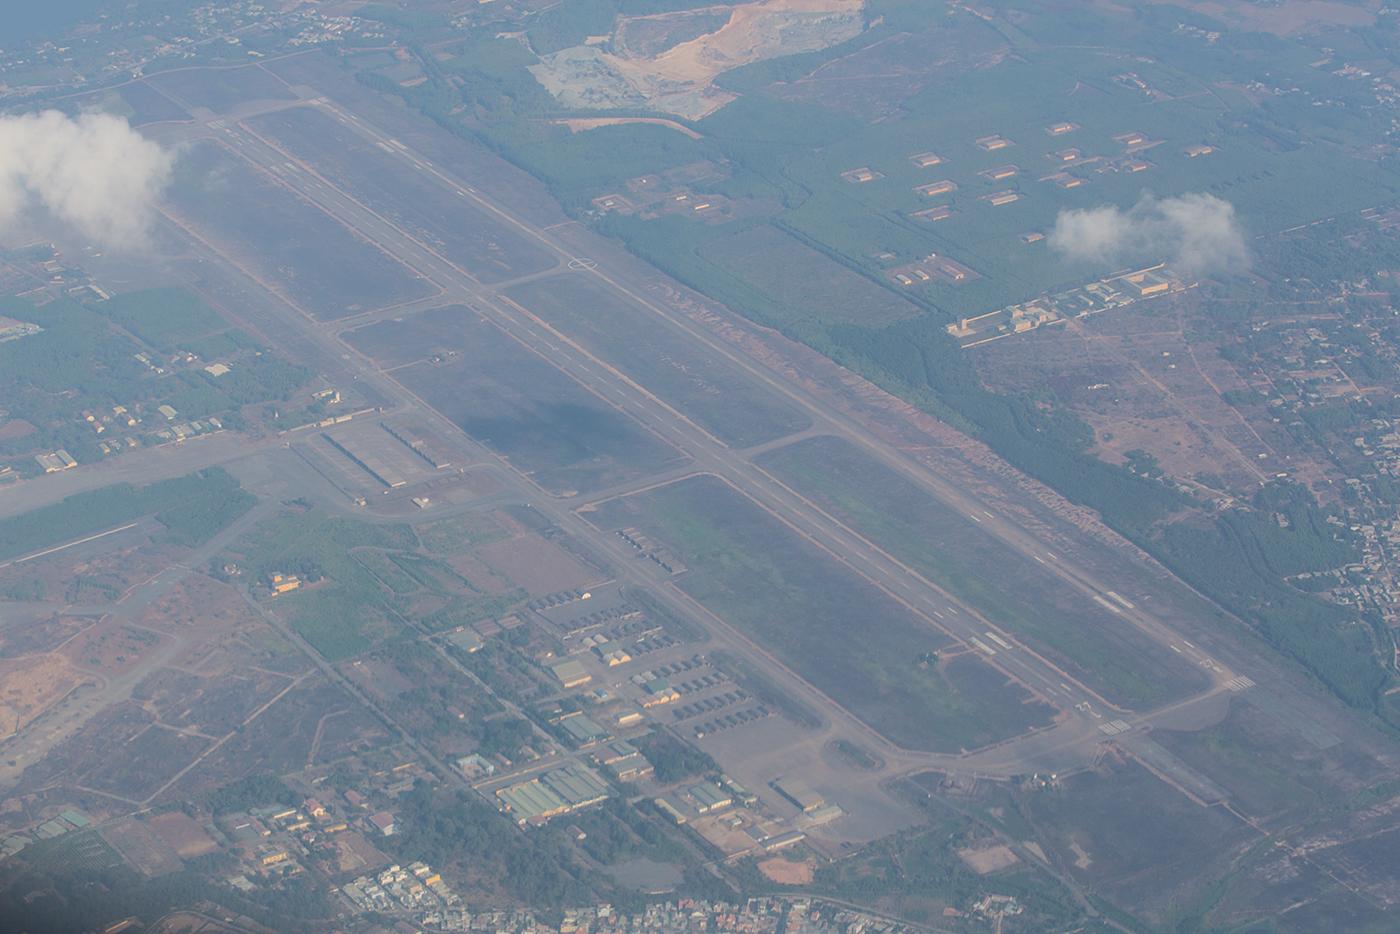 Die Air Base Bien Hoa von oben. Einst US-Stützpunkt ist sie heute Heimat eines Fighter-/Bomberregiments mit Sukhoi Su-30.